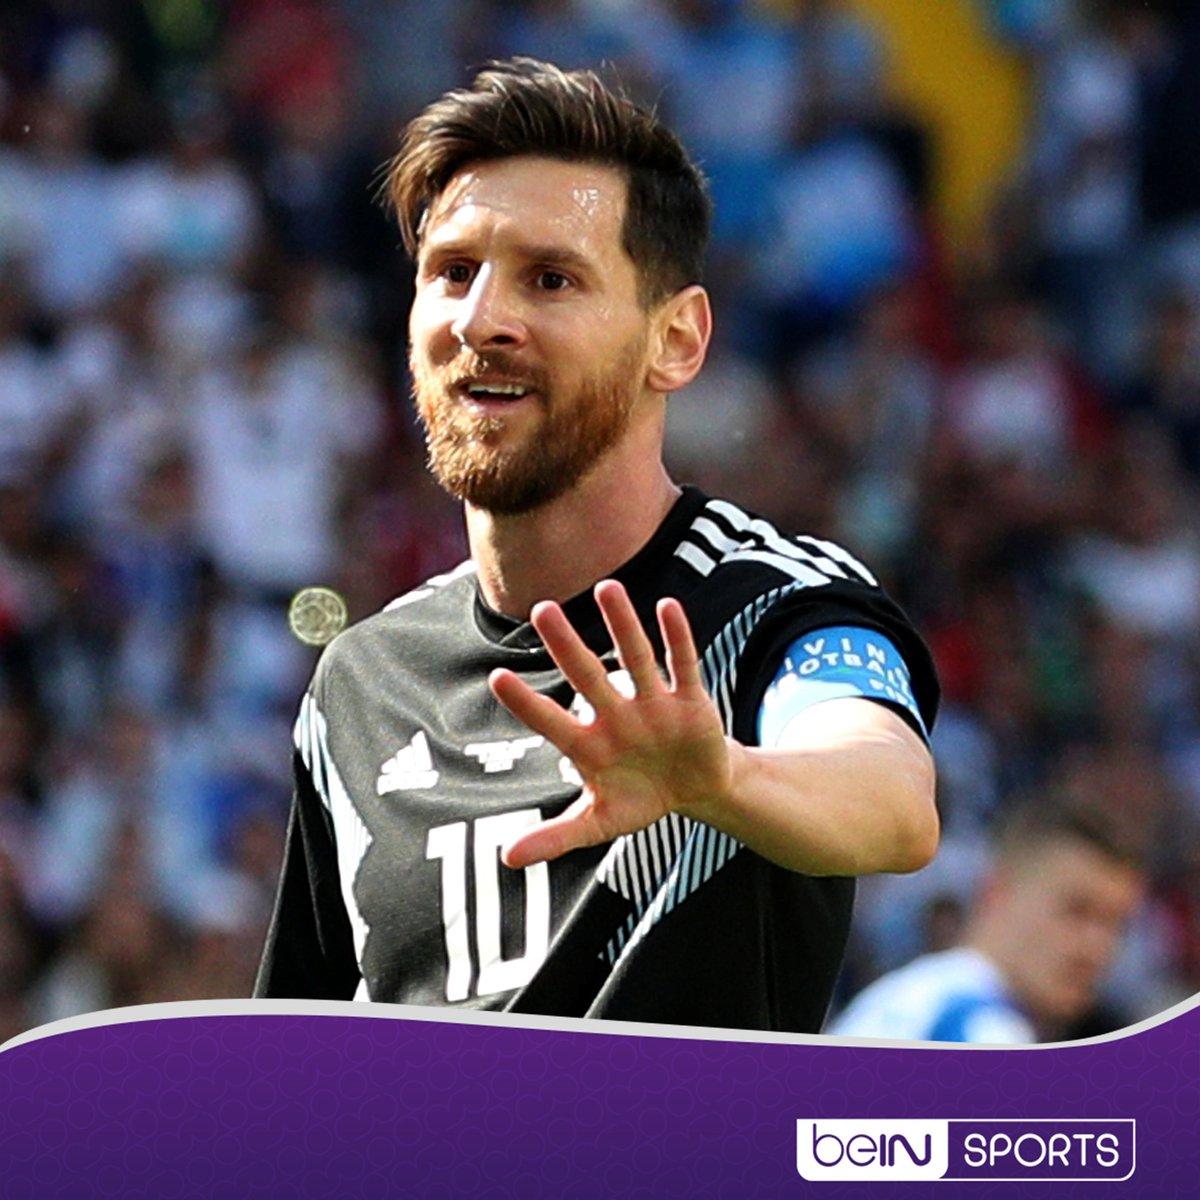 Bein Sports On Twitter Joyeux Anniversaire A Lionel Messi Qui